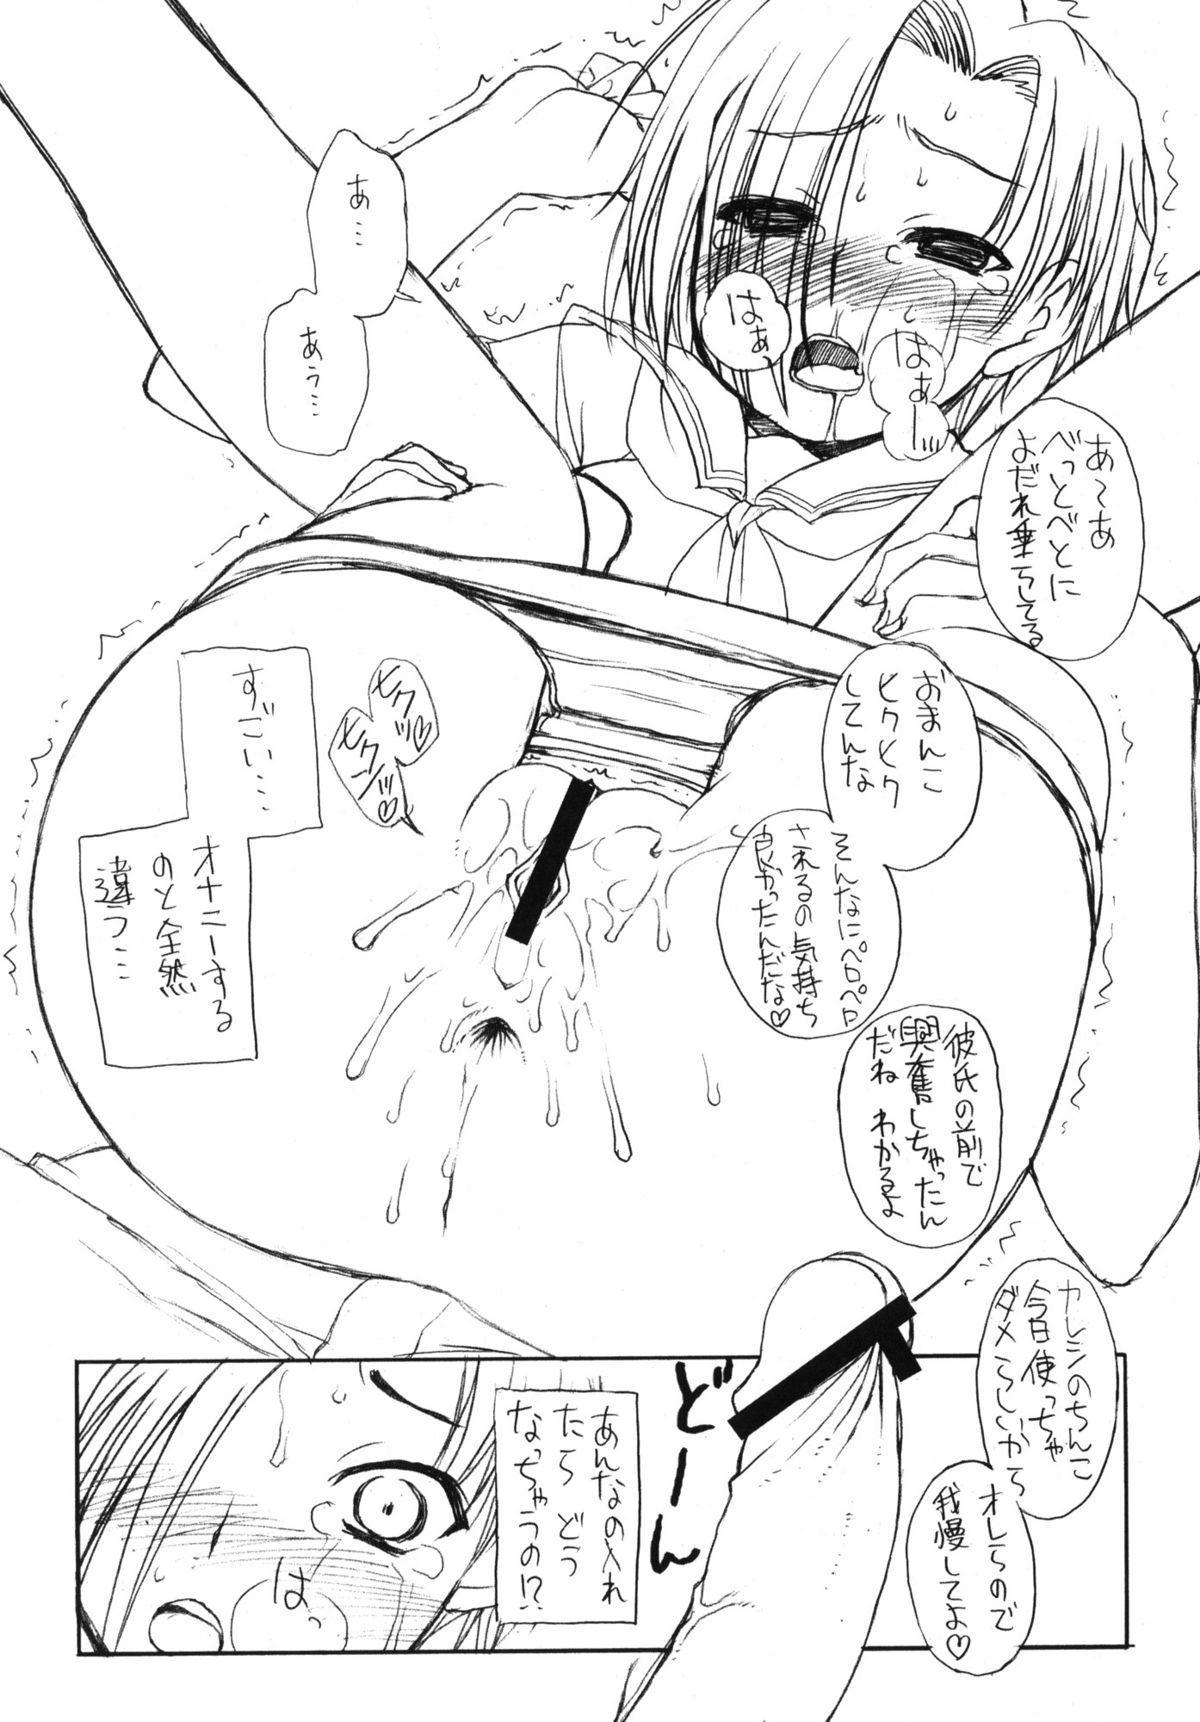 Rinko wa Nakadashi ga Ichiban Kanjirundesu. + Paper 20